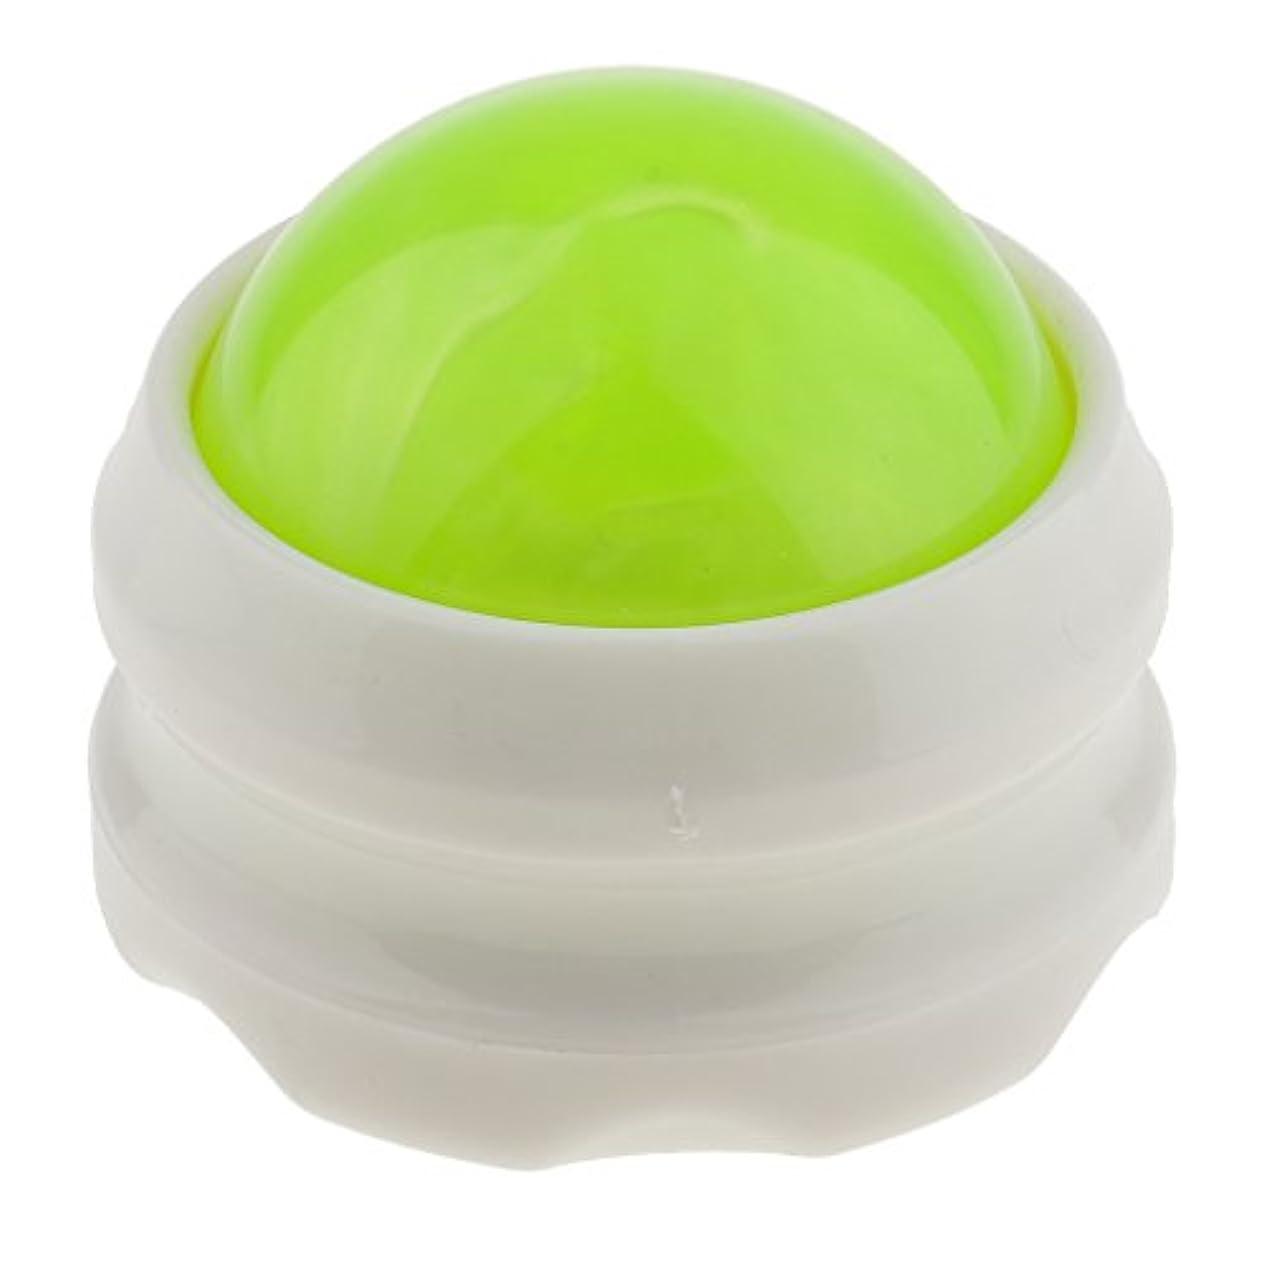 結晶眠り実現可能マッサージ ローラー ボディ ローラーボール 体 足 背中 首 ヒップ セルフマッサージ 全4色 - グリーンホワイト